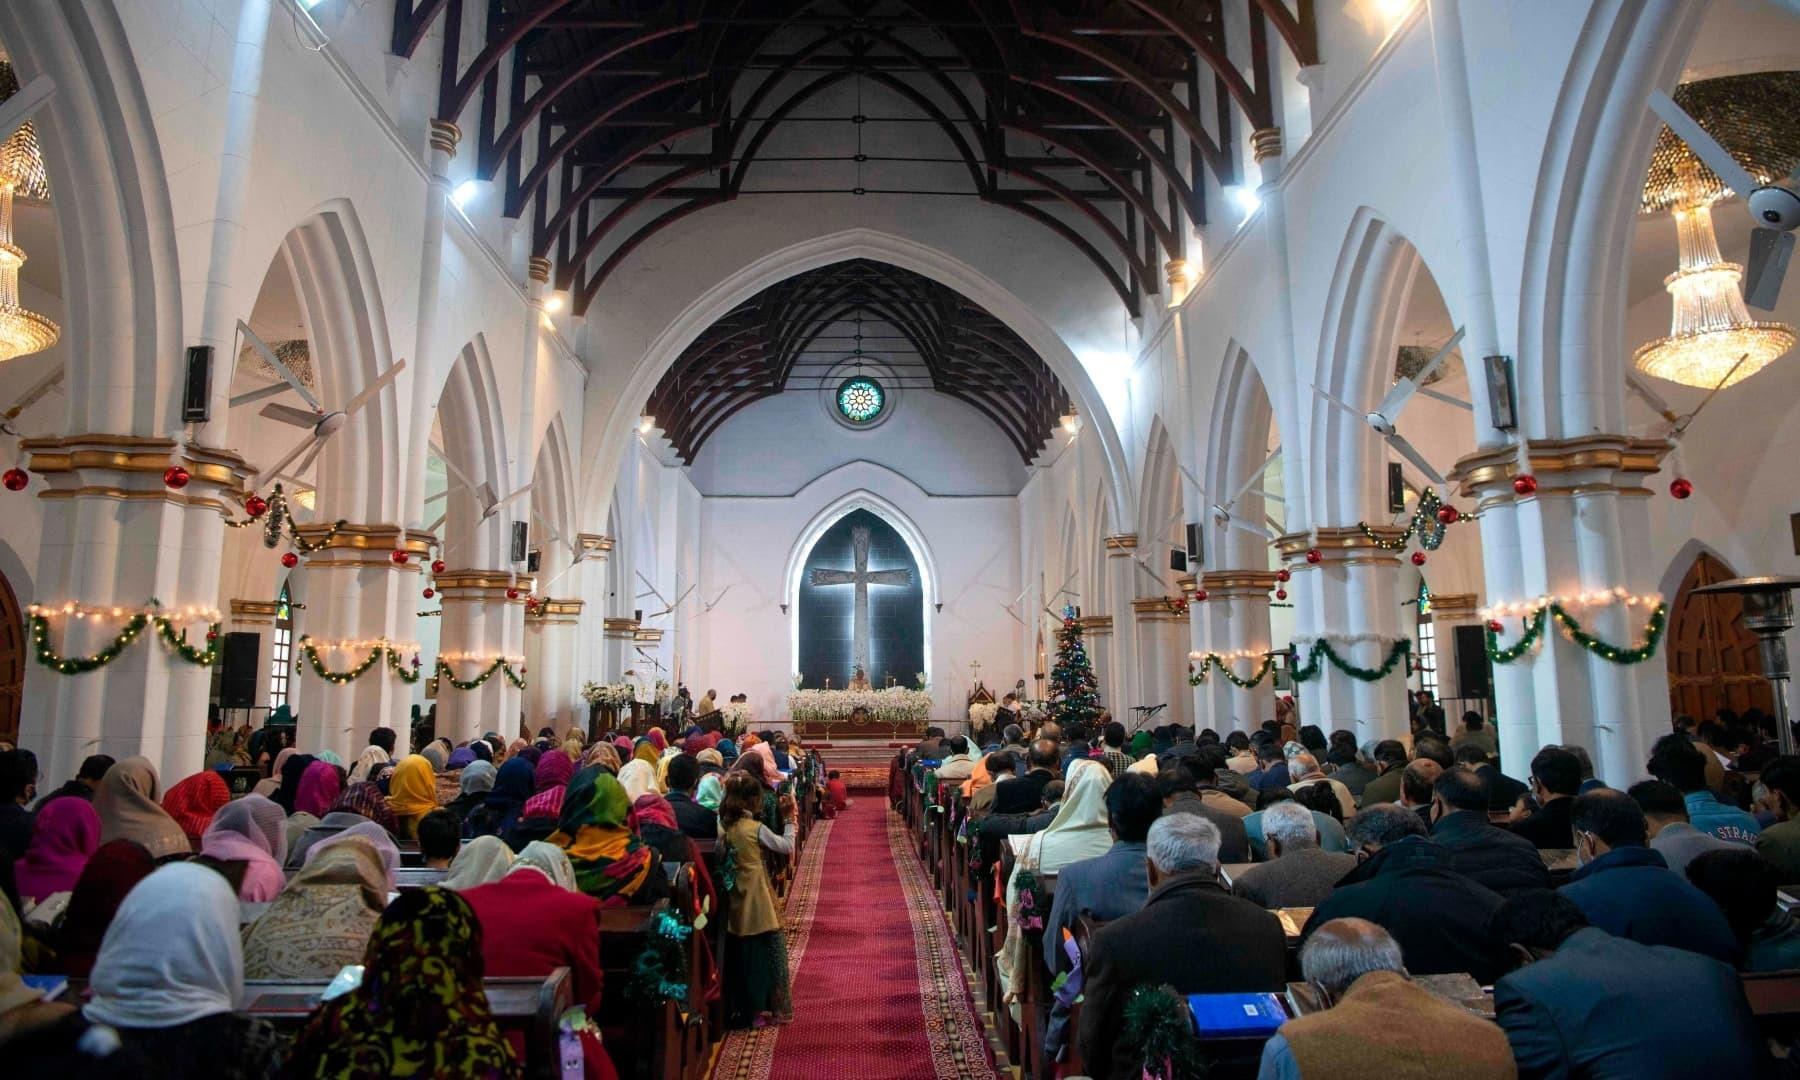 سینٹ جونز کیتھڈرل پشاور میں منعقدہ دعائیہ تقریب میں بڑی تعداد میں شرکت کی گئی —فوٹو: اے ایف پی